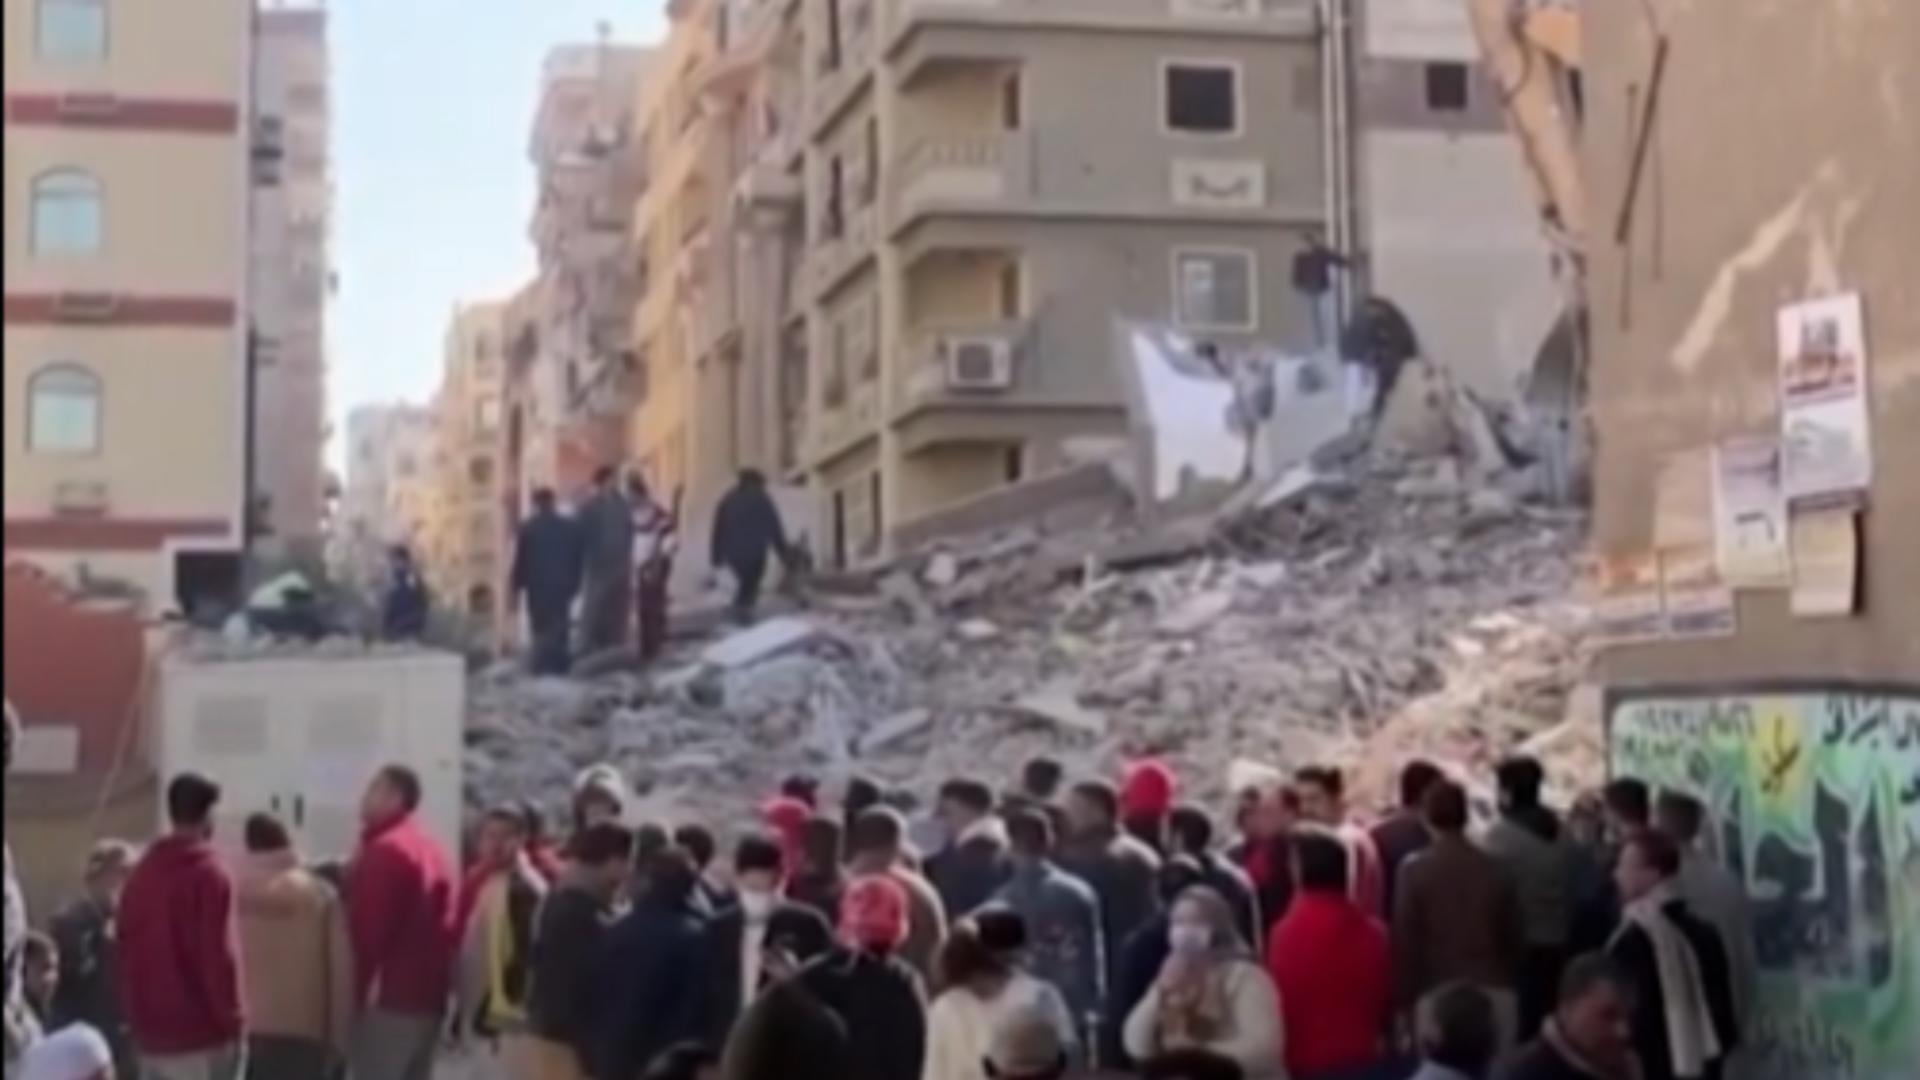 O clădire s-a prăbușit în Egipt. Foto: captură YouTube